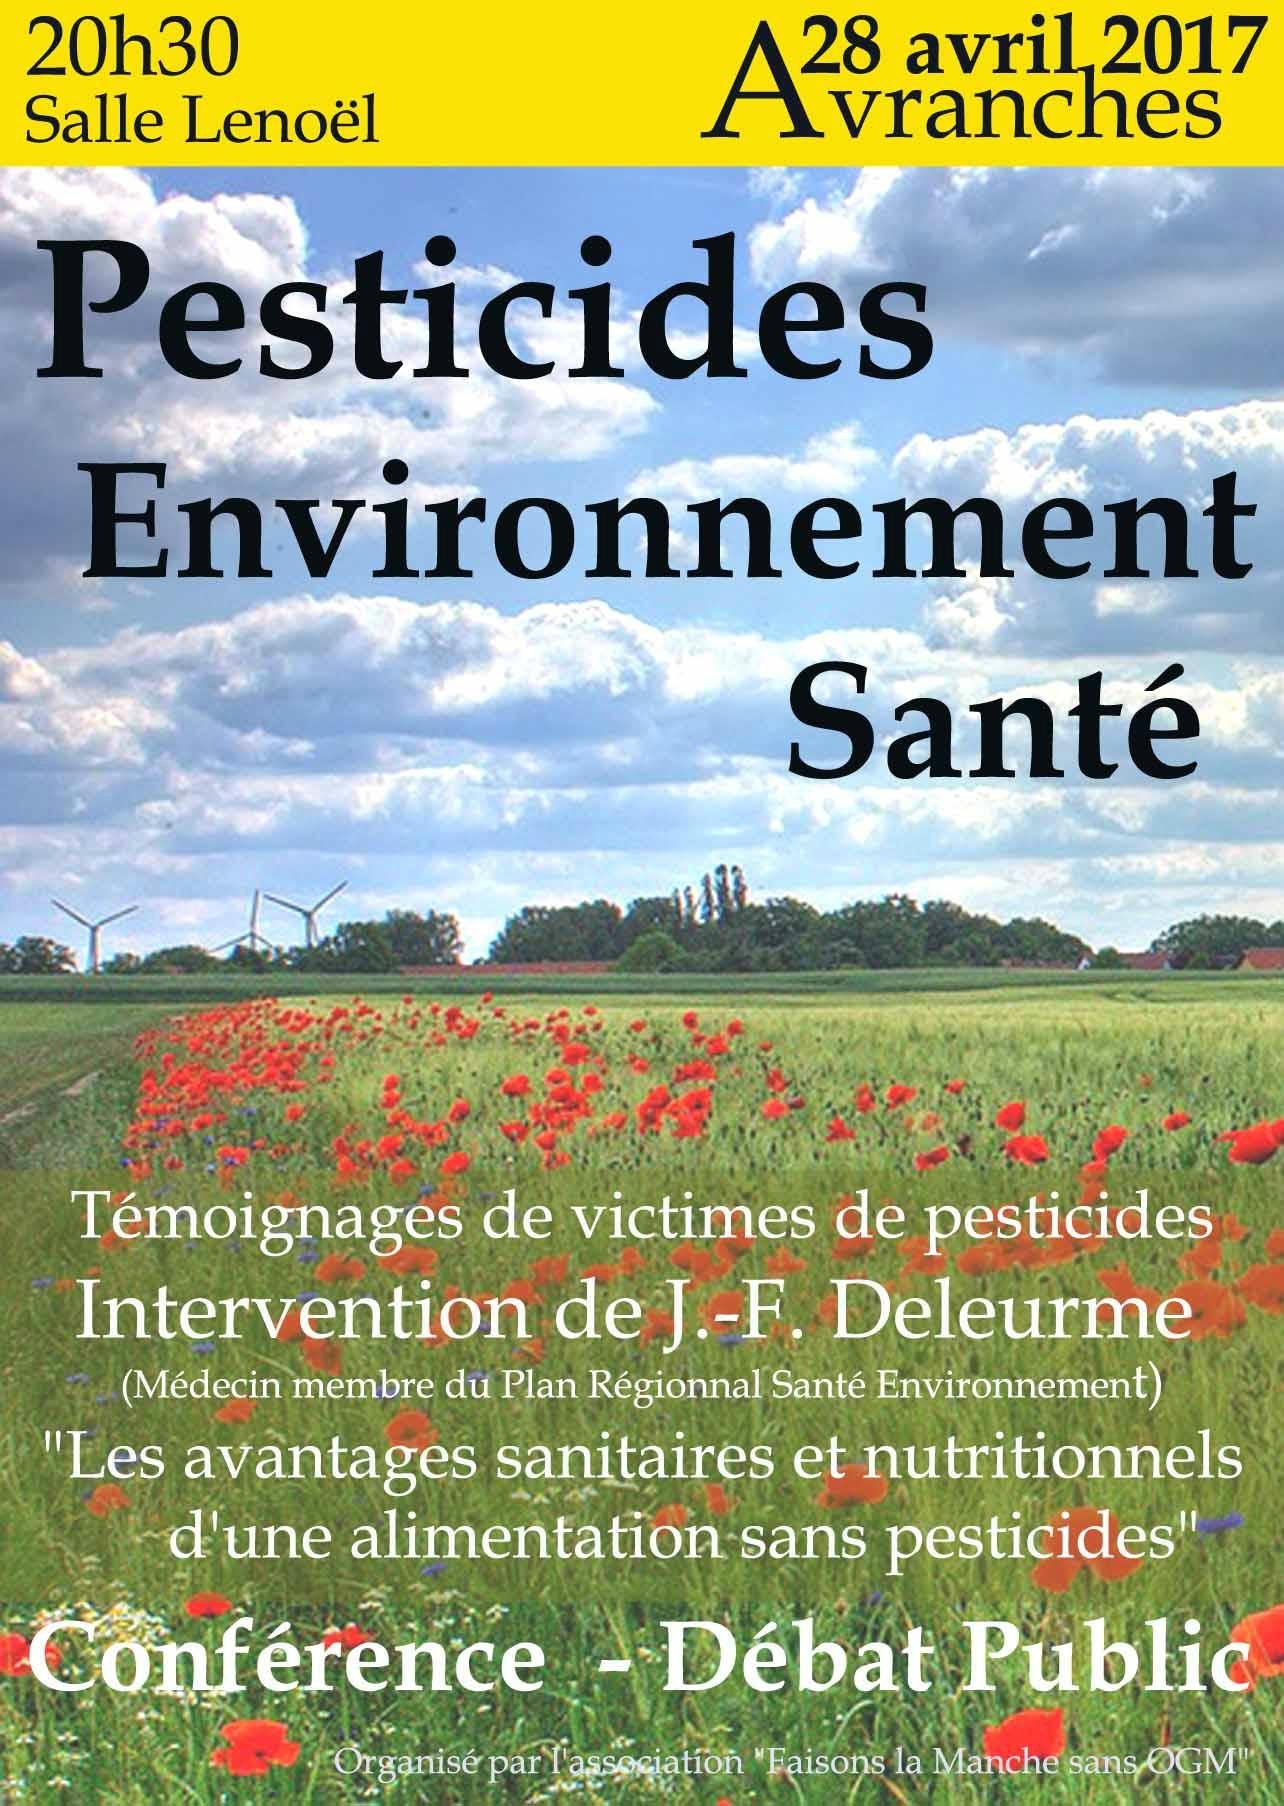 conférence-débat Pesticides, Environnement, Santé à Avranches vendredi 28 avril 2017